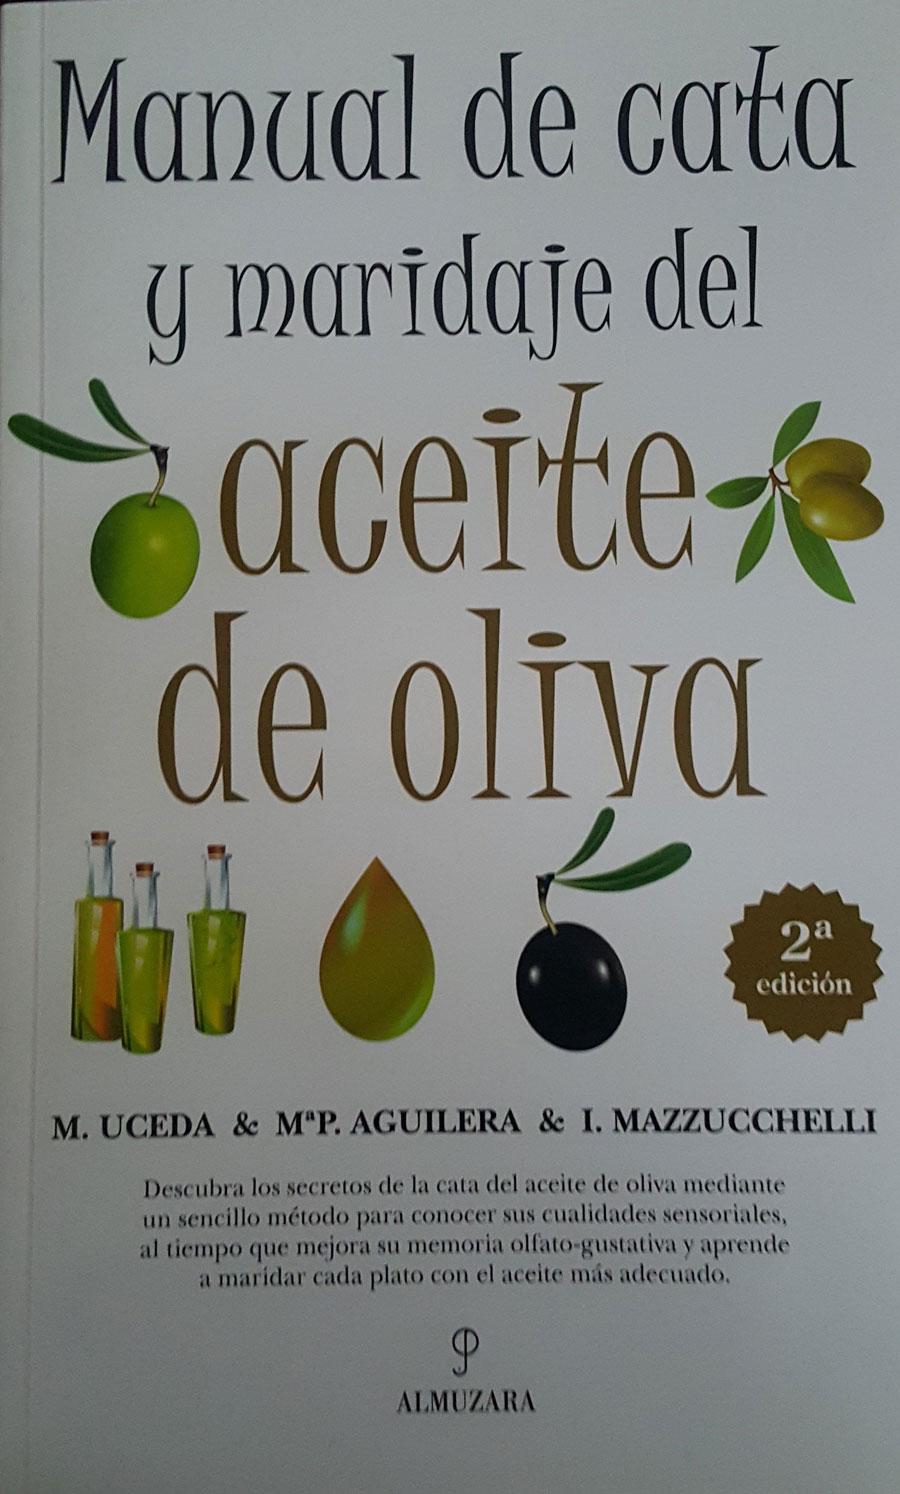 Manual de Cata y Maridaje del Aceite de Oliva. Editorial Almuzara. 2010.